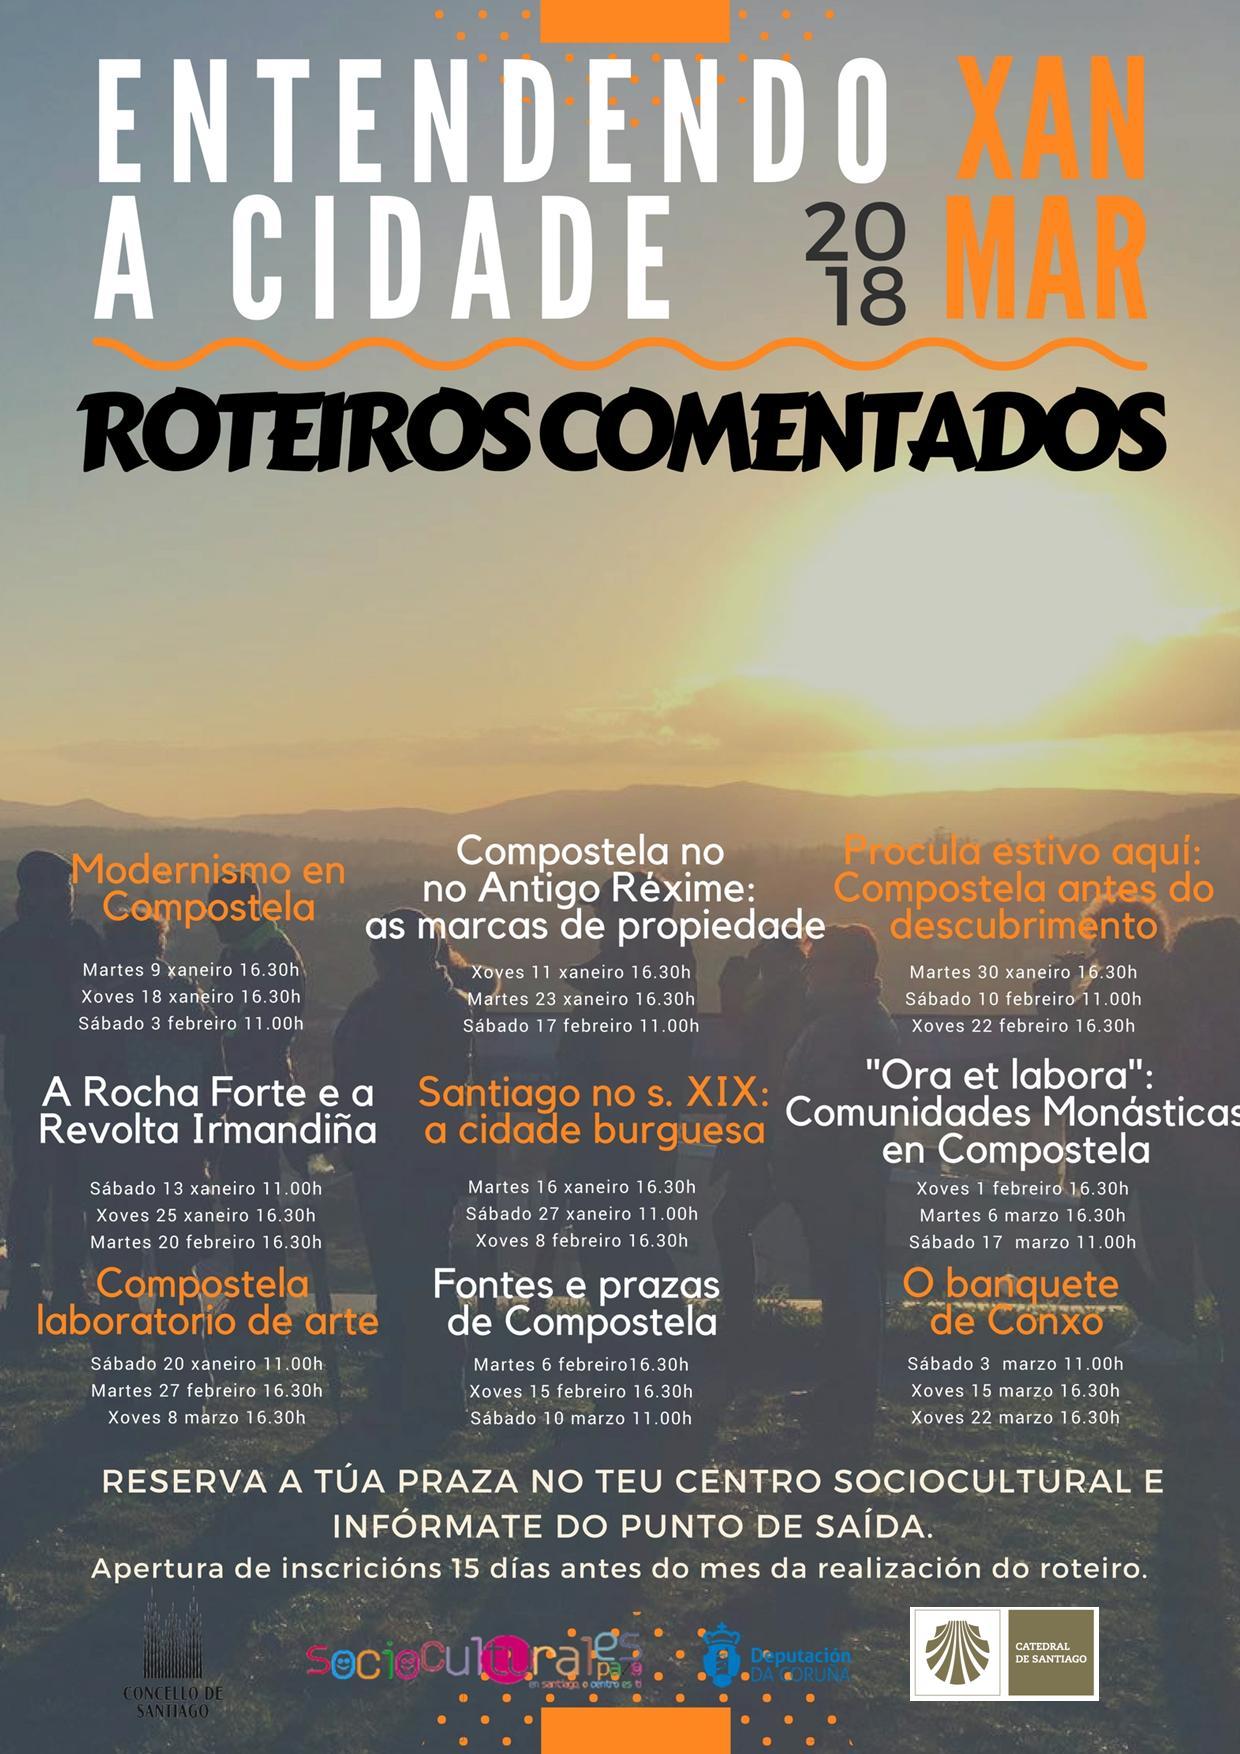 Entendedo a cidade: roteiros e charlas de memoria e historia (xaneiro a marzo 2018)